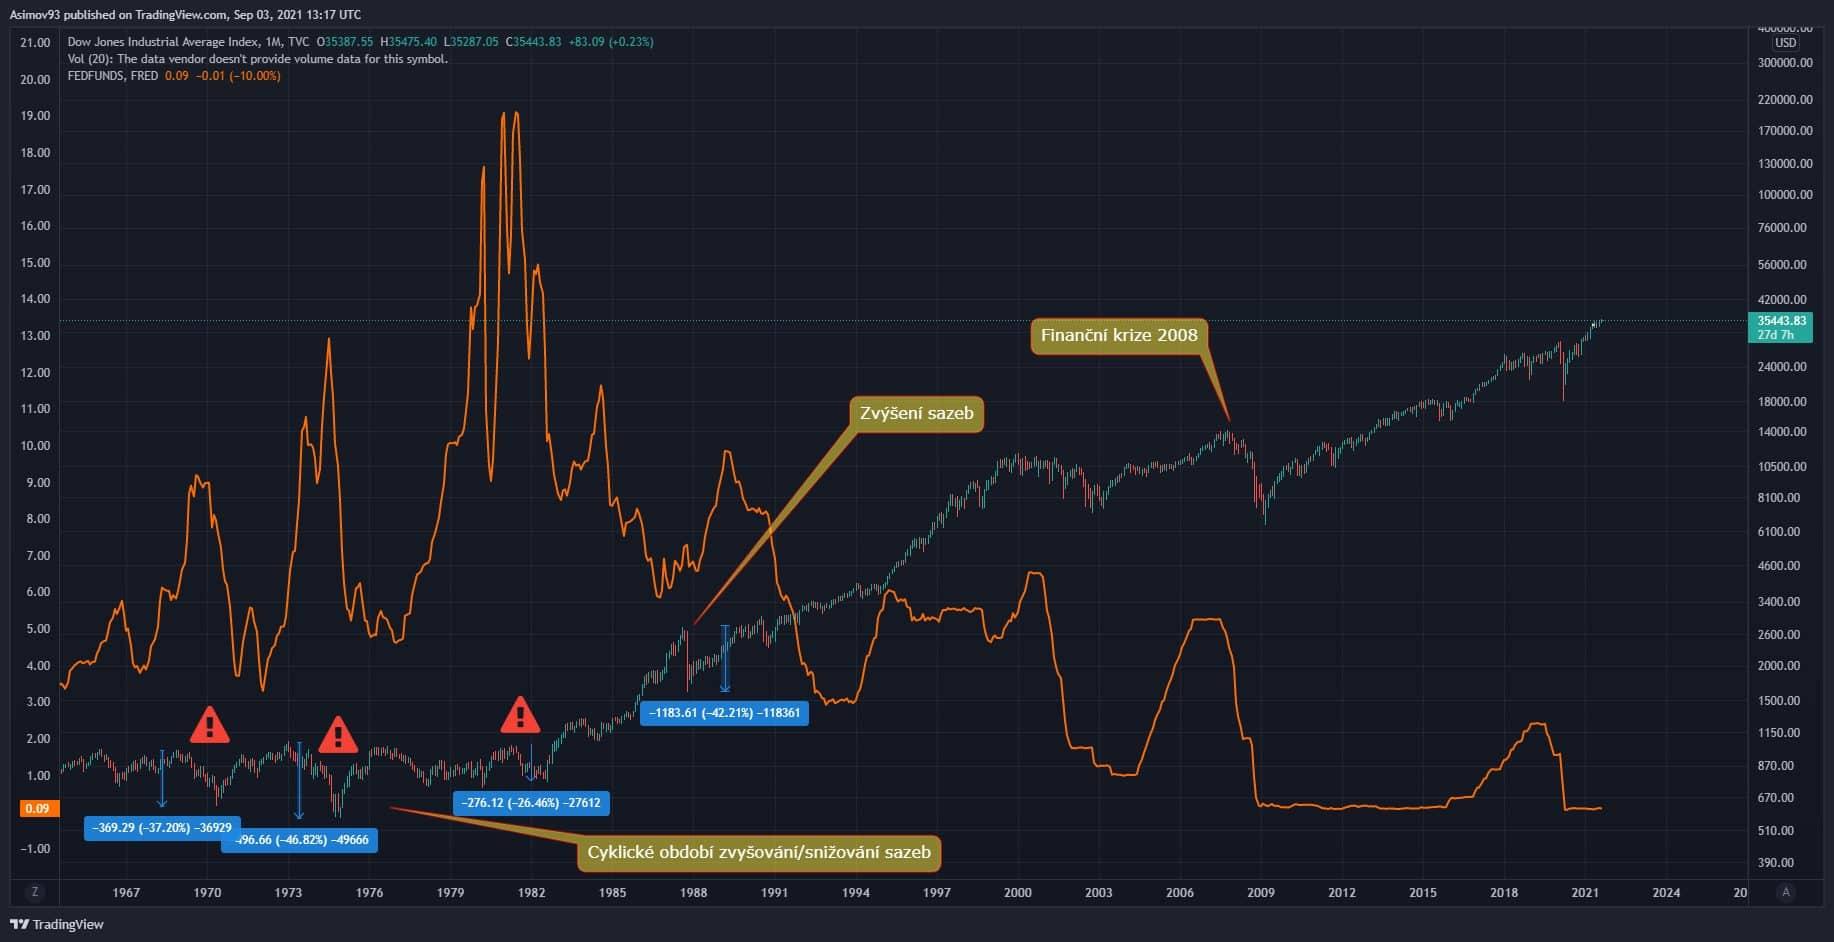 Úroková míra a Dow Jones